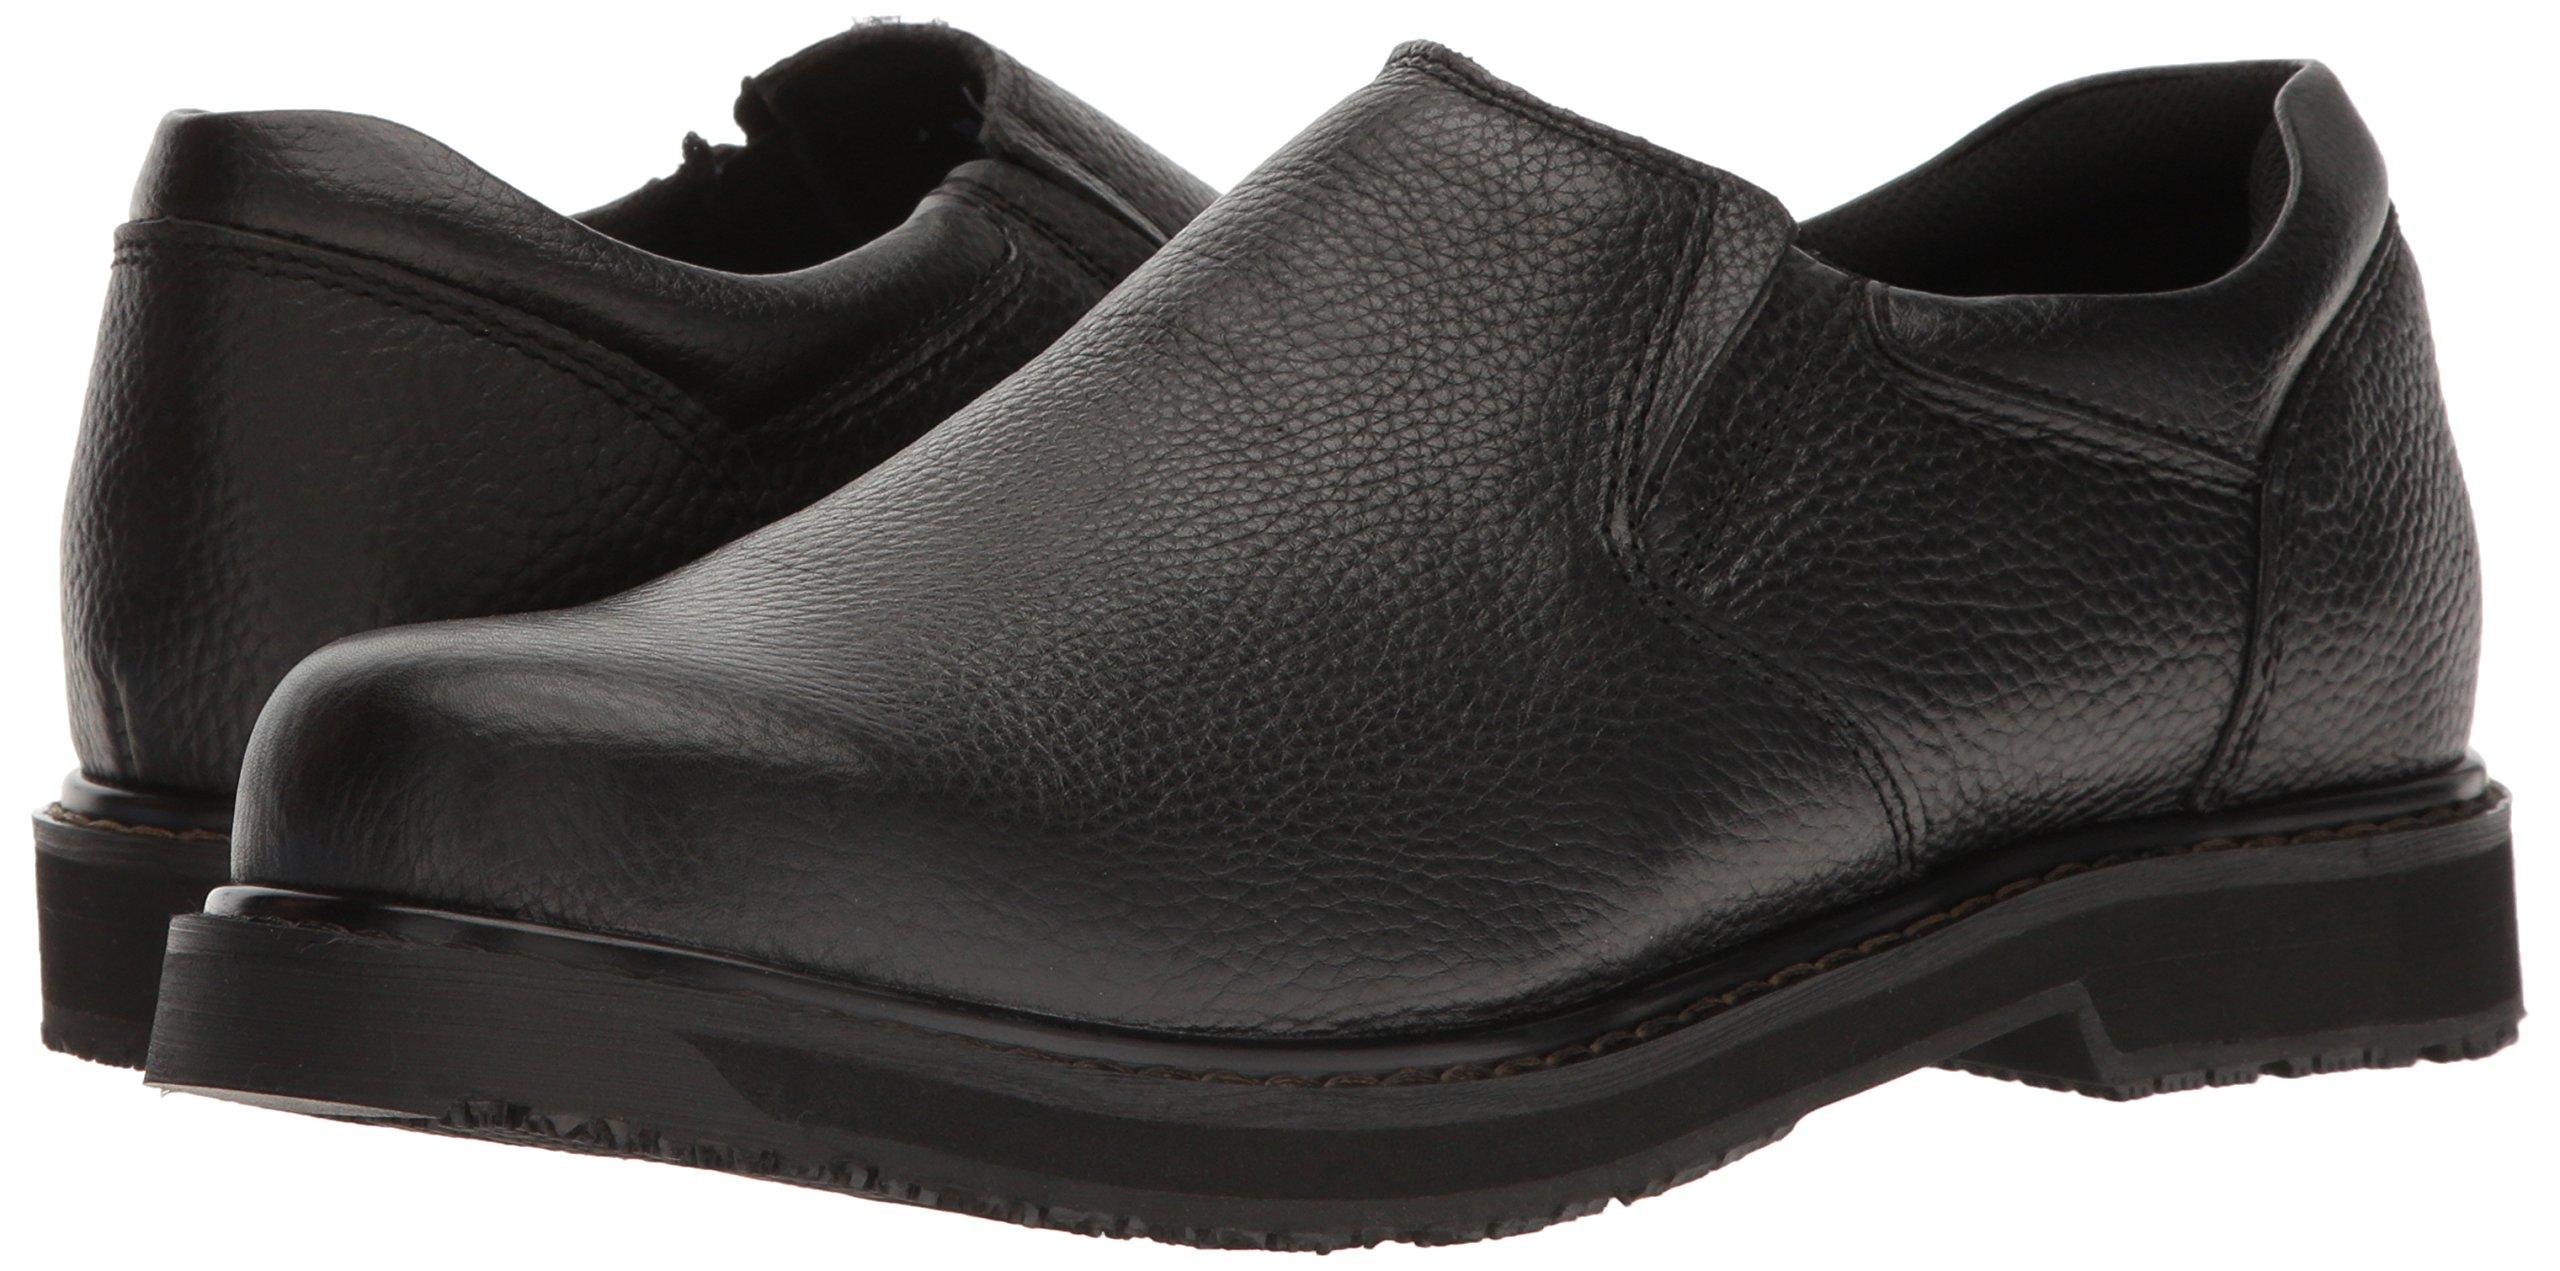 Dr. Scholl's Men's Winder II Work Shoe